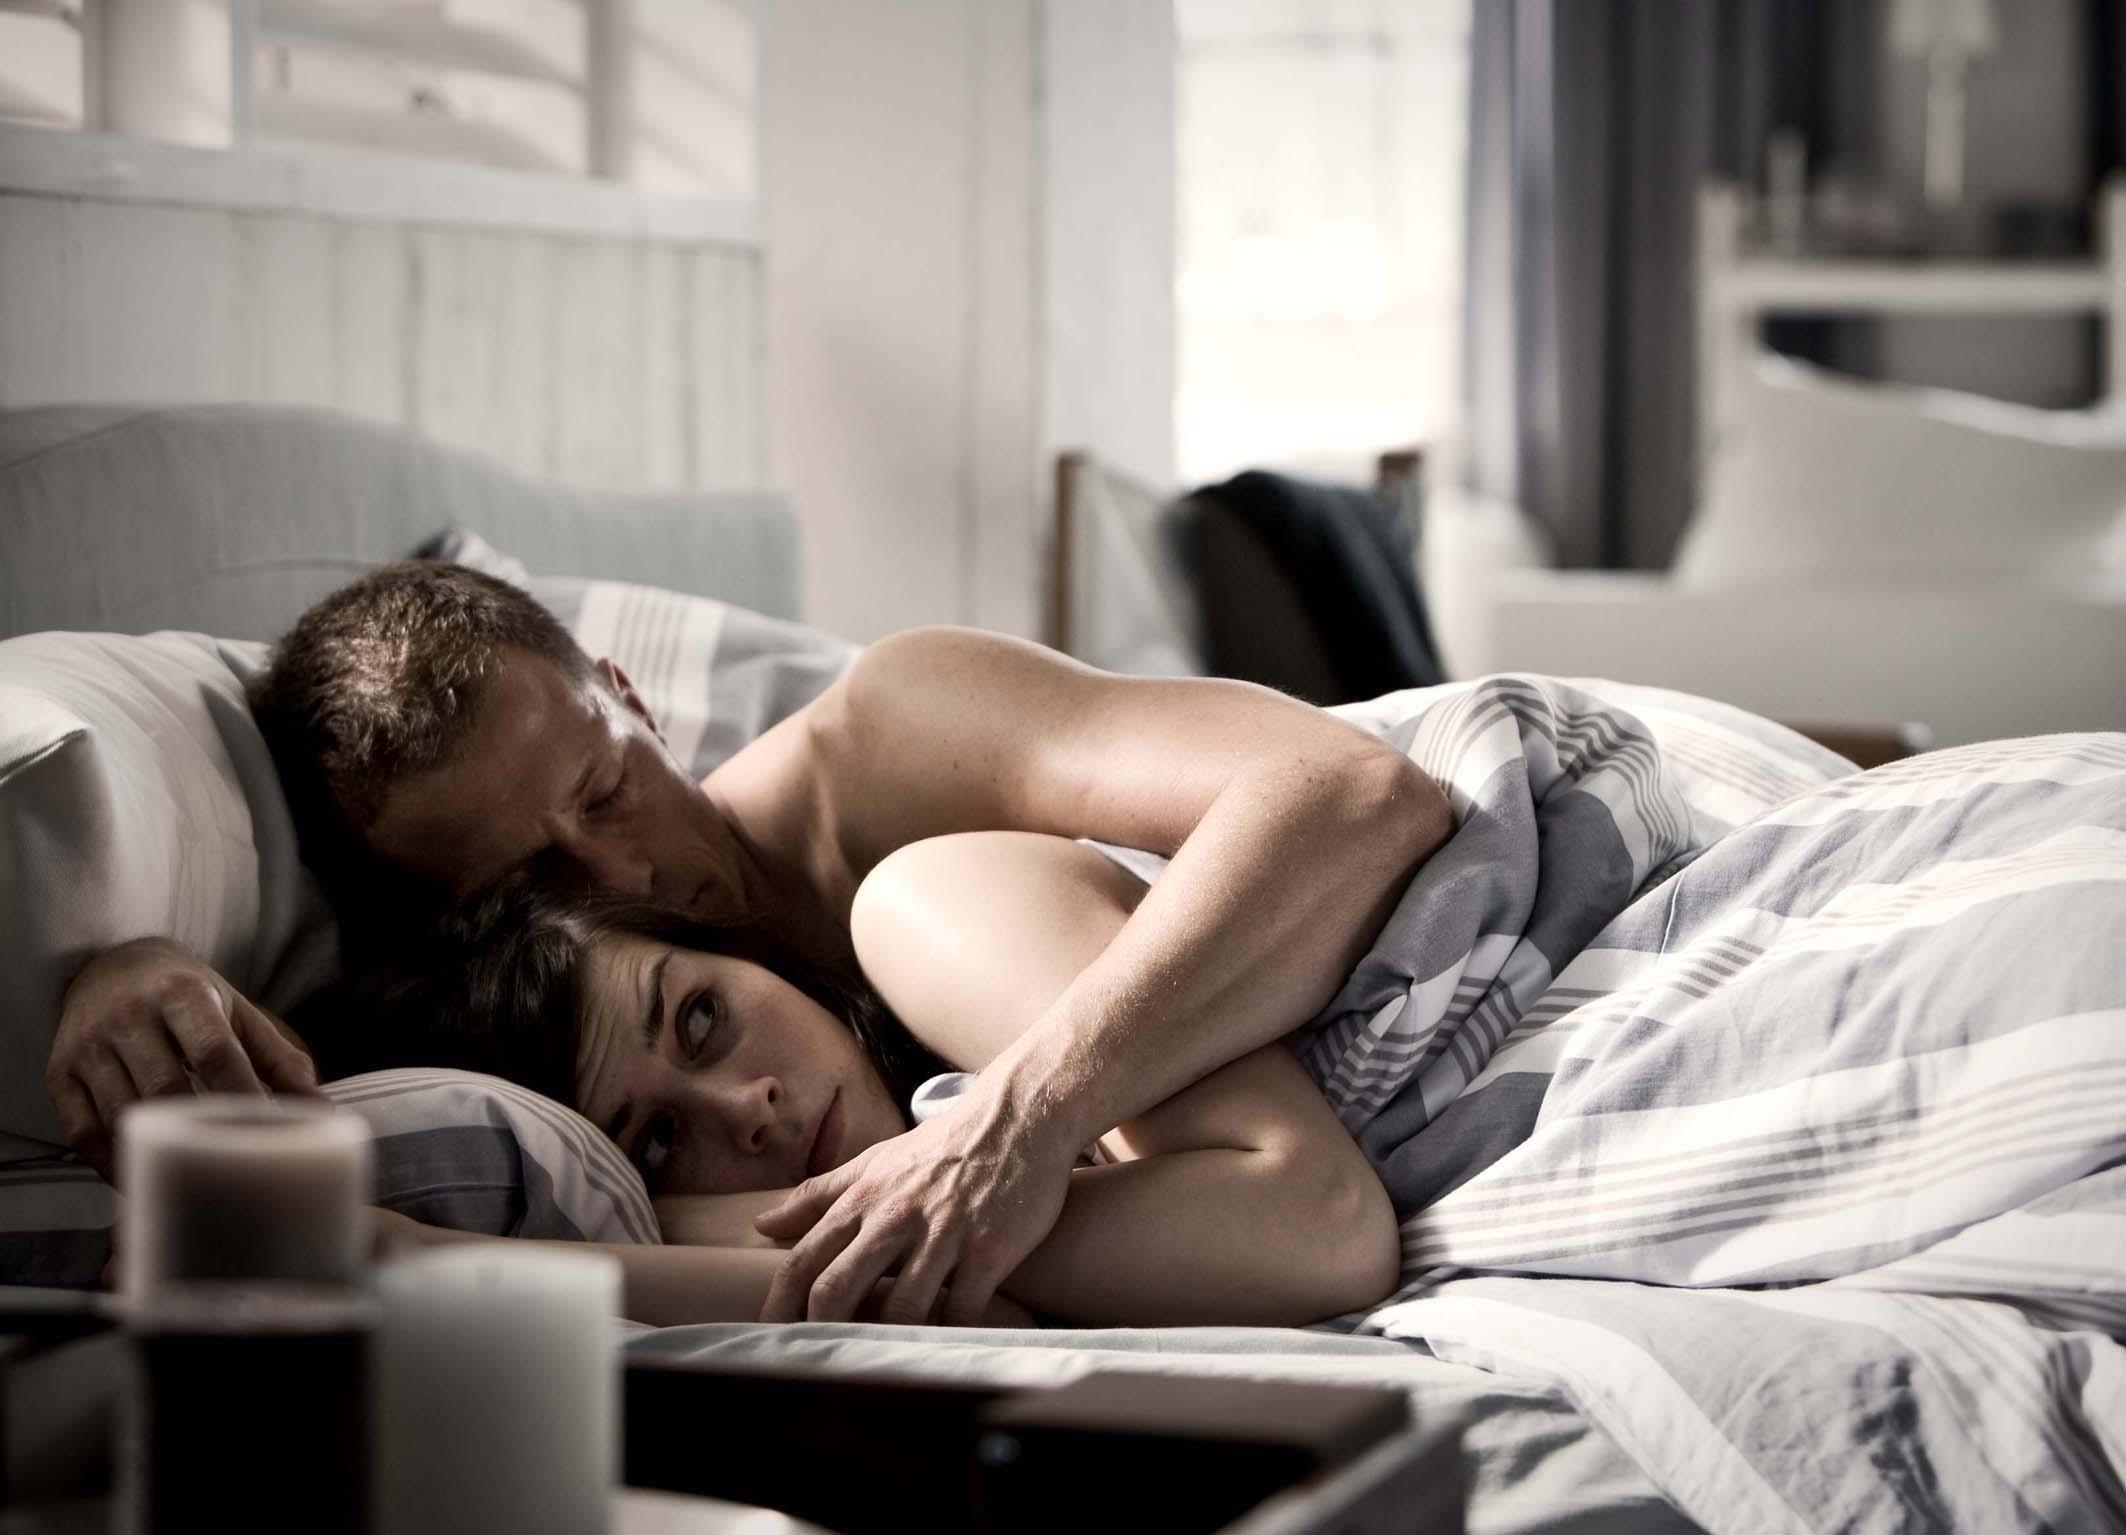 Кино где очень много целуются и в постели